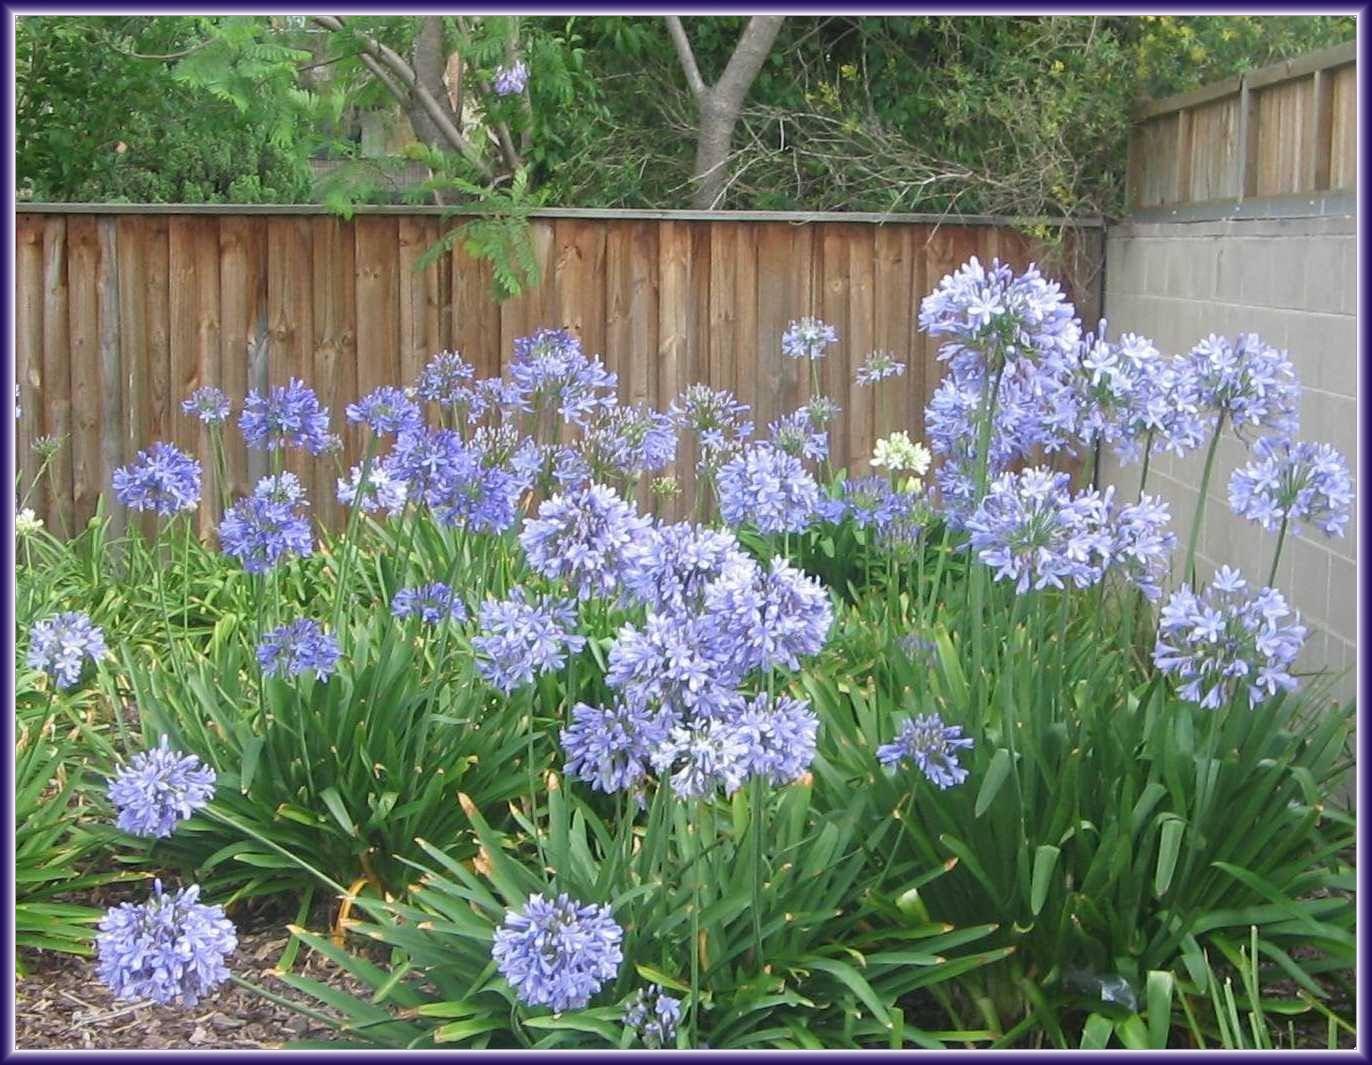 http://3.bp.blogspot.com/_049O4YhYX1w/TFWw0zdsFbI/AAAAAAAACkI/NbEu3AbRnAc/s1600/agapanthus_violet.jpg